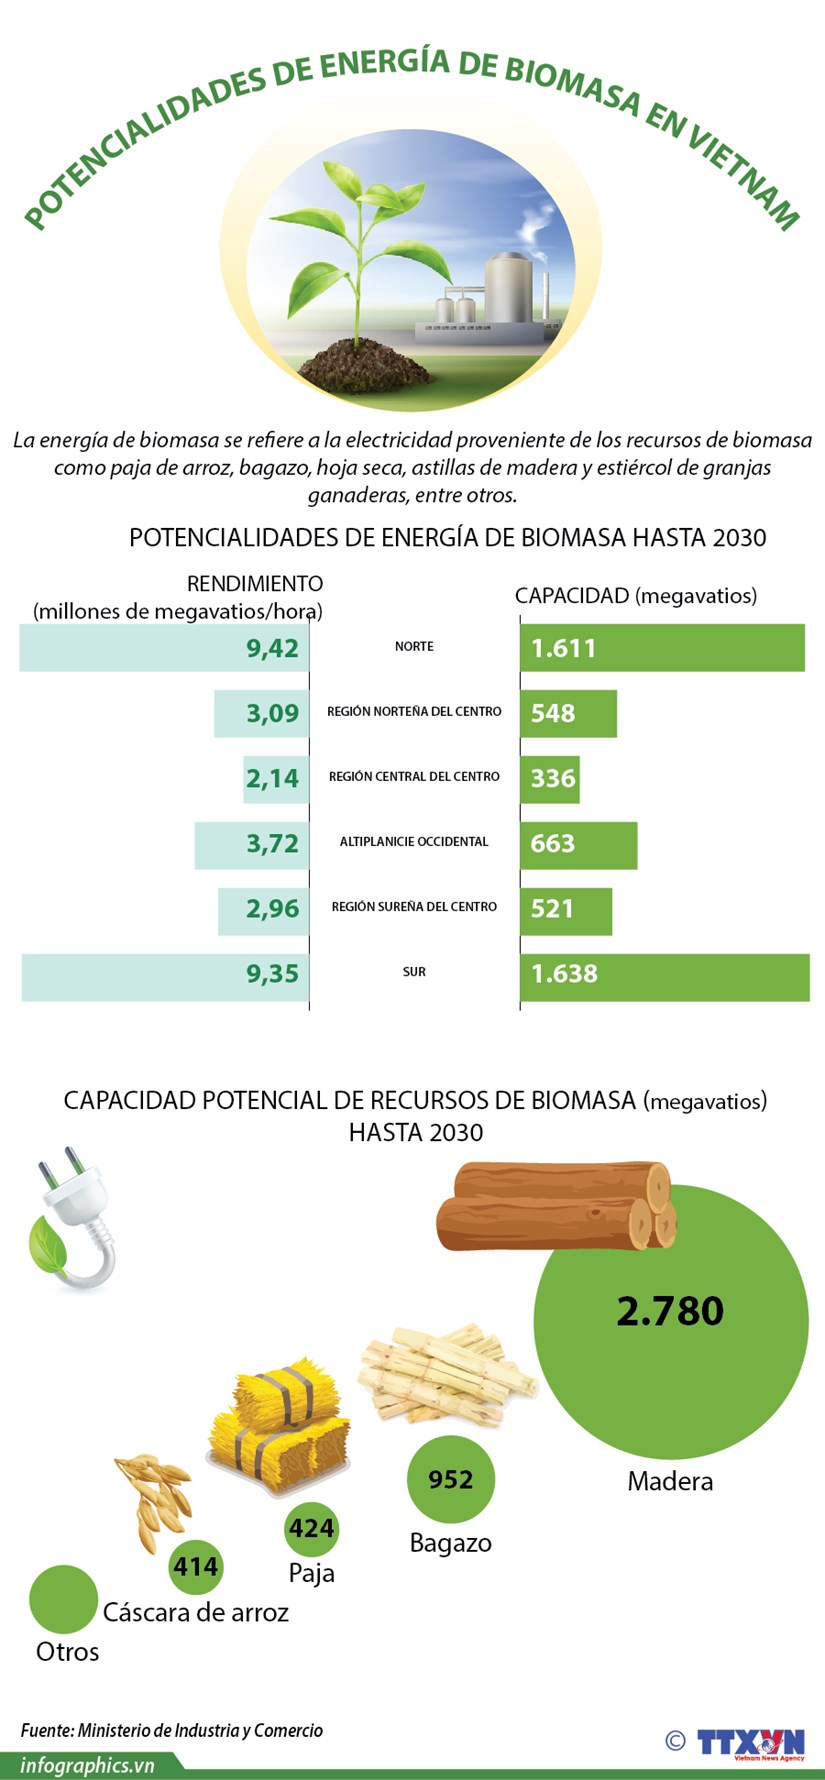 Potencialidades de energia de biomasa en Vietnam hinh anh 1